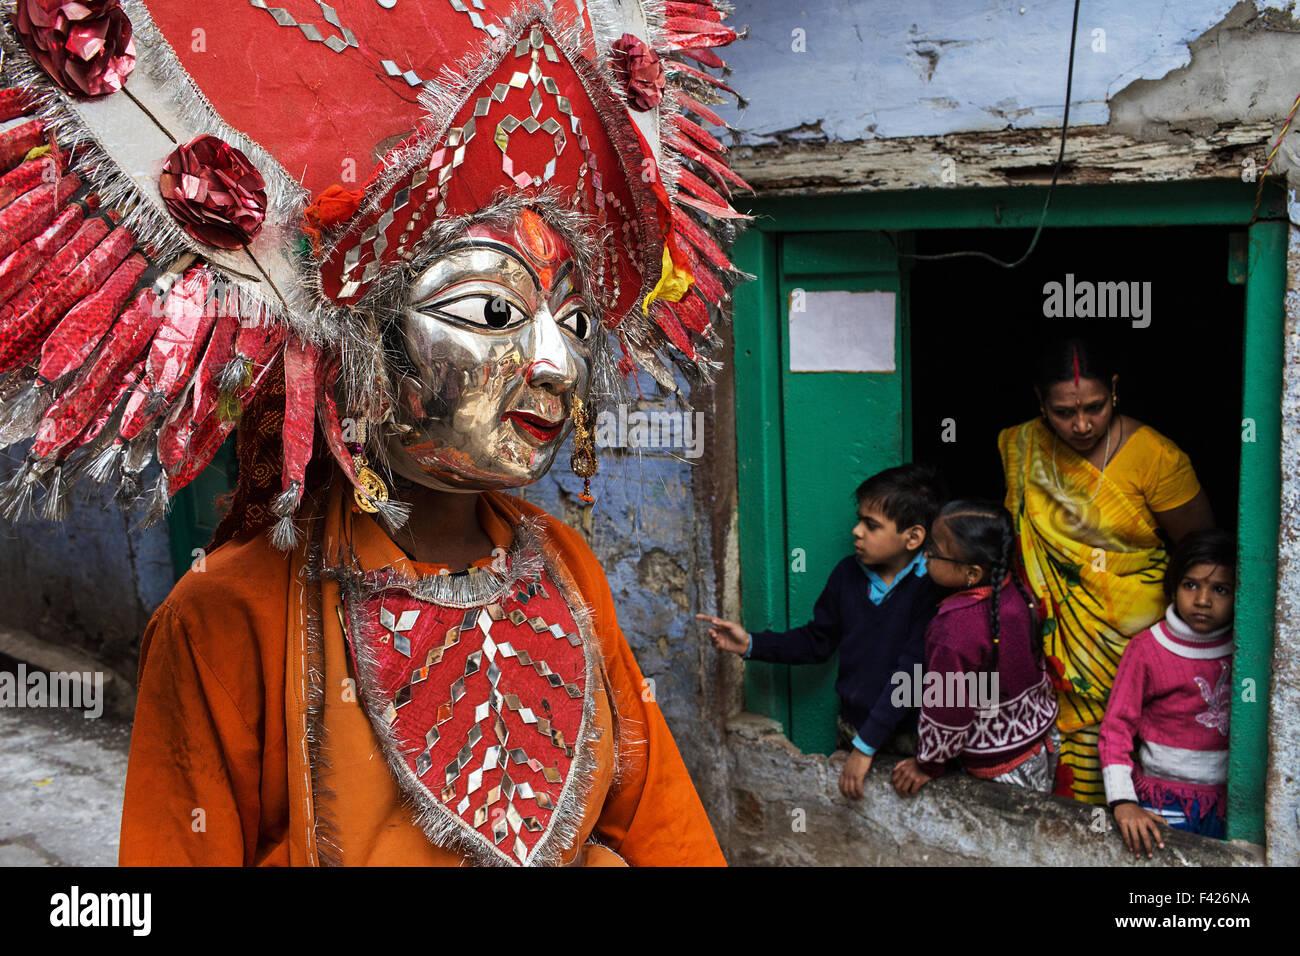 Procession dans la vieille ville au cours de Maha Shivaratri festival à Varanasi, Inde. Photo Stock